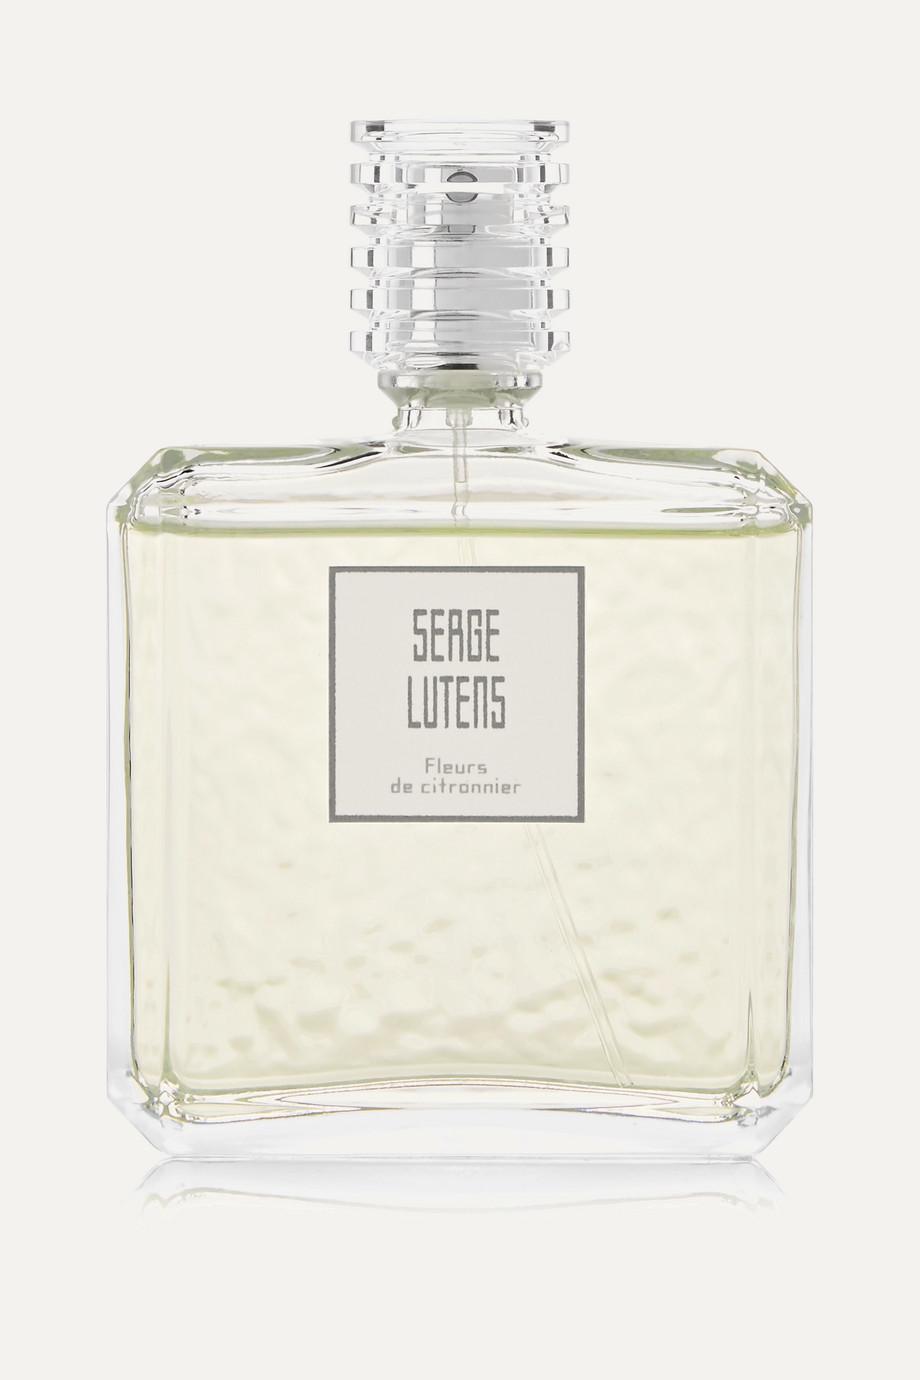 Serge Lutens Fleurs de Citronnier, 100 ml – Eau de Parfum